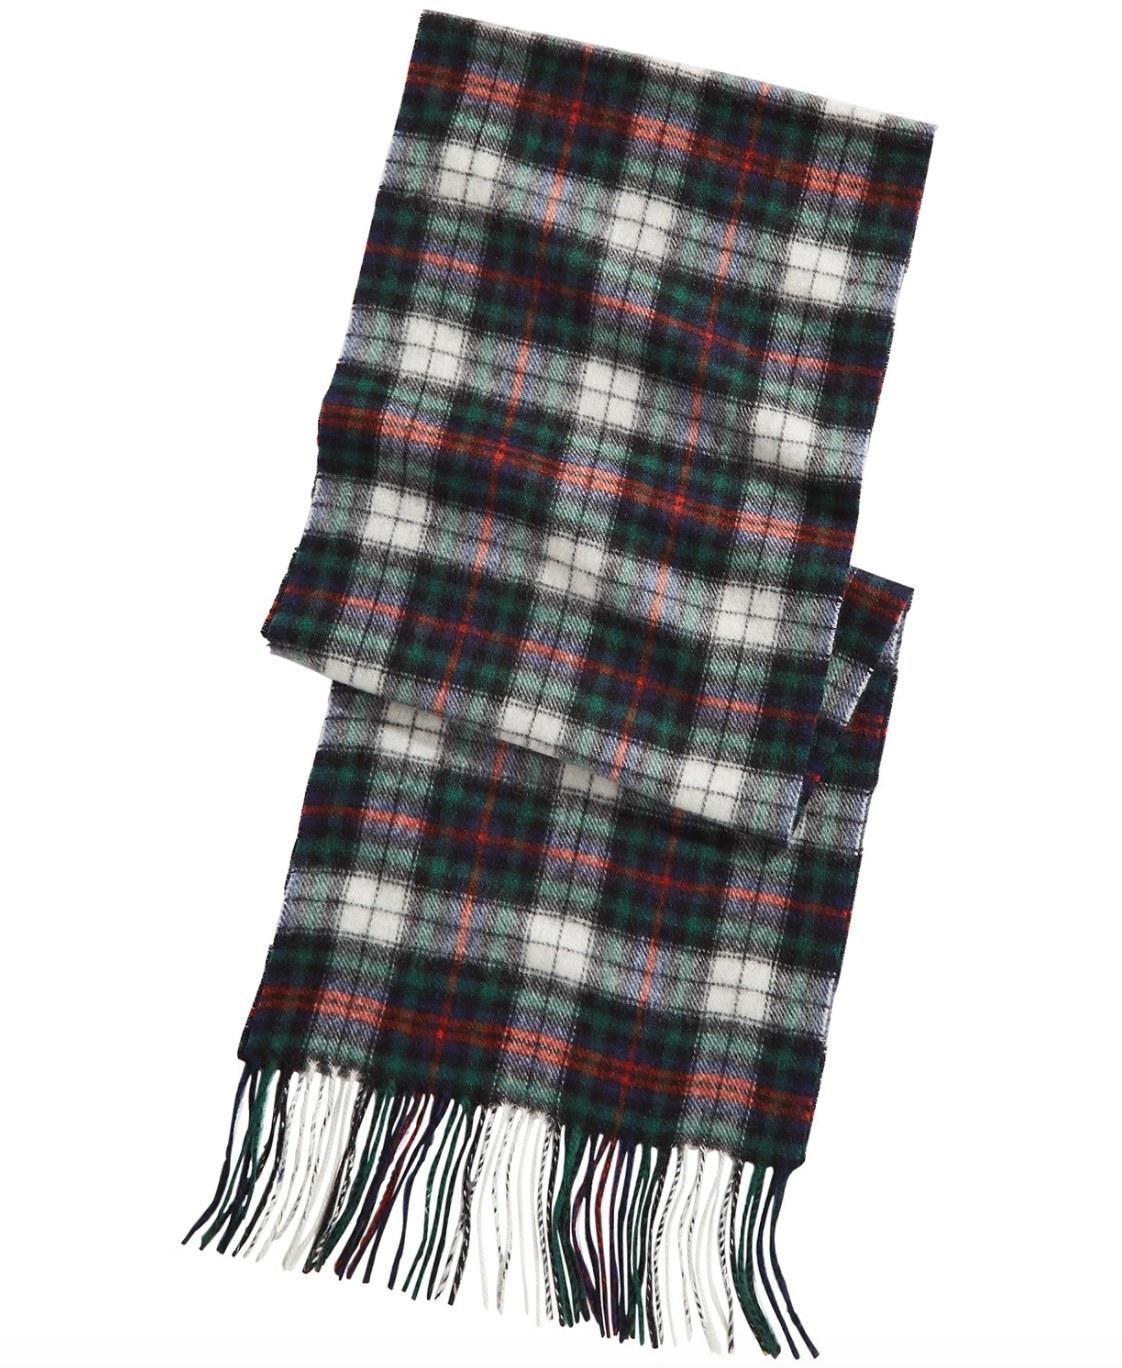 A plaid scarf